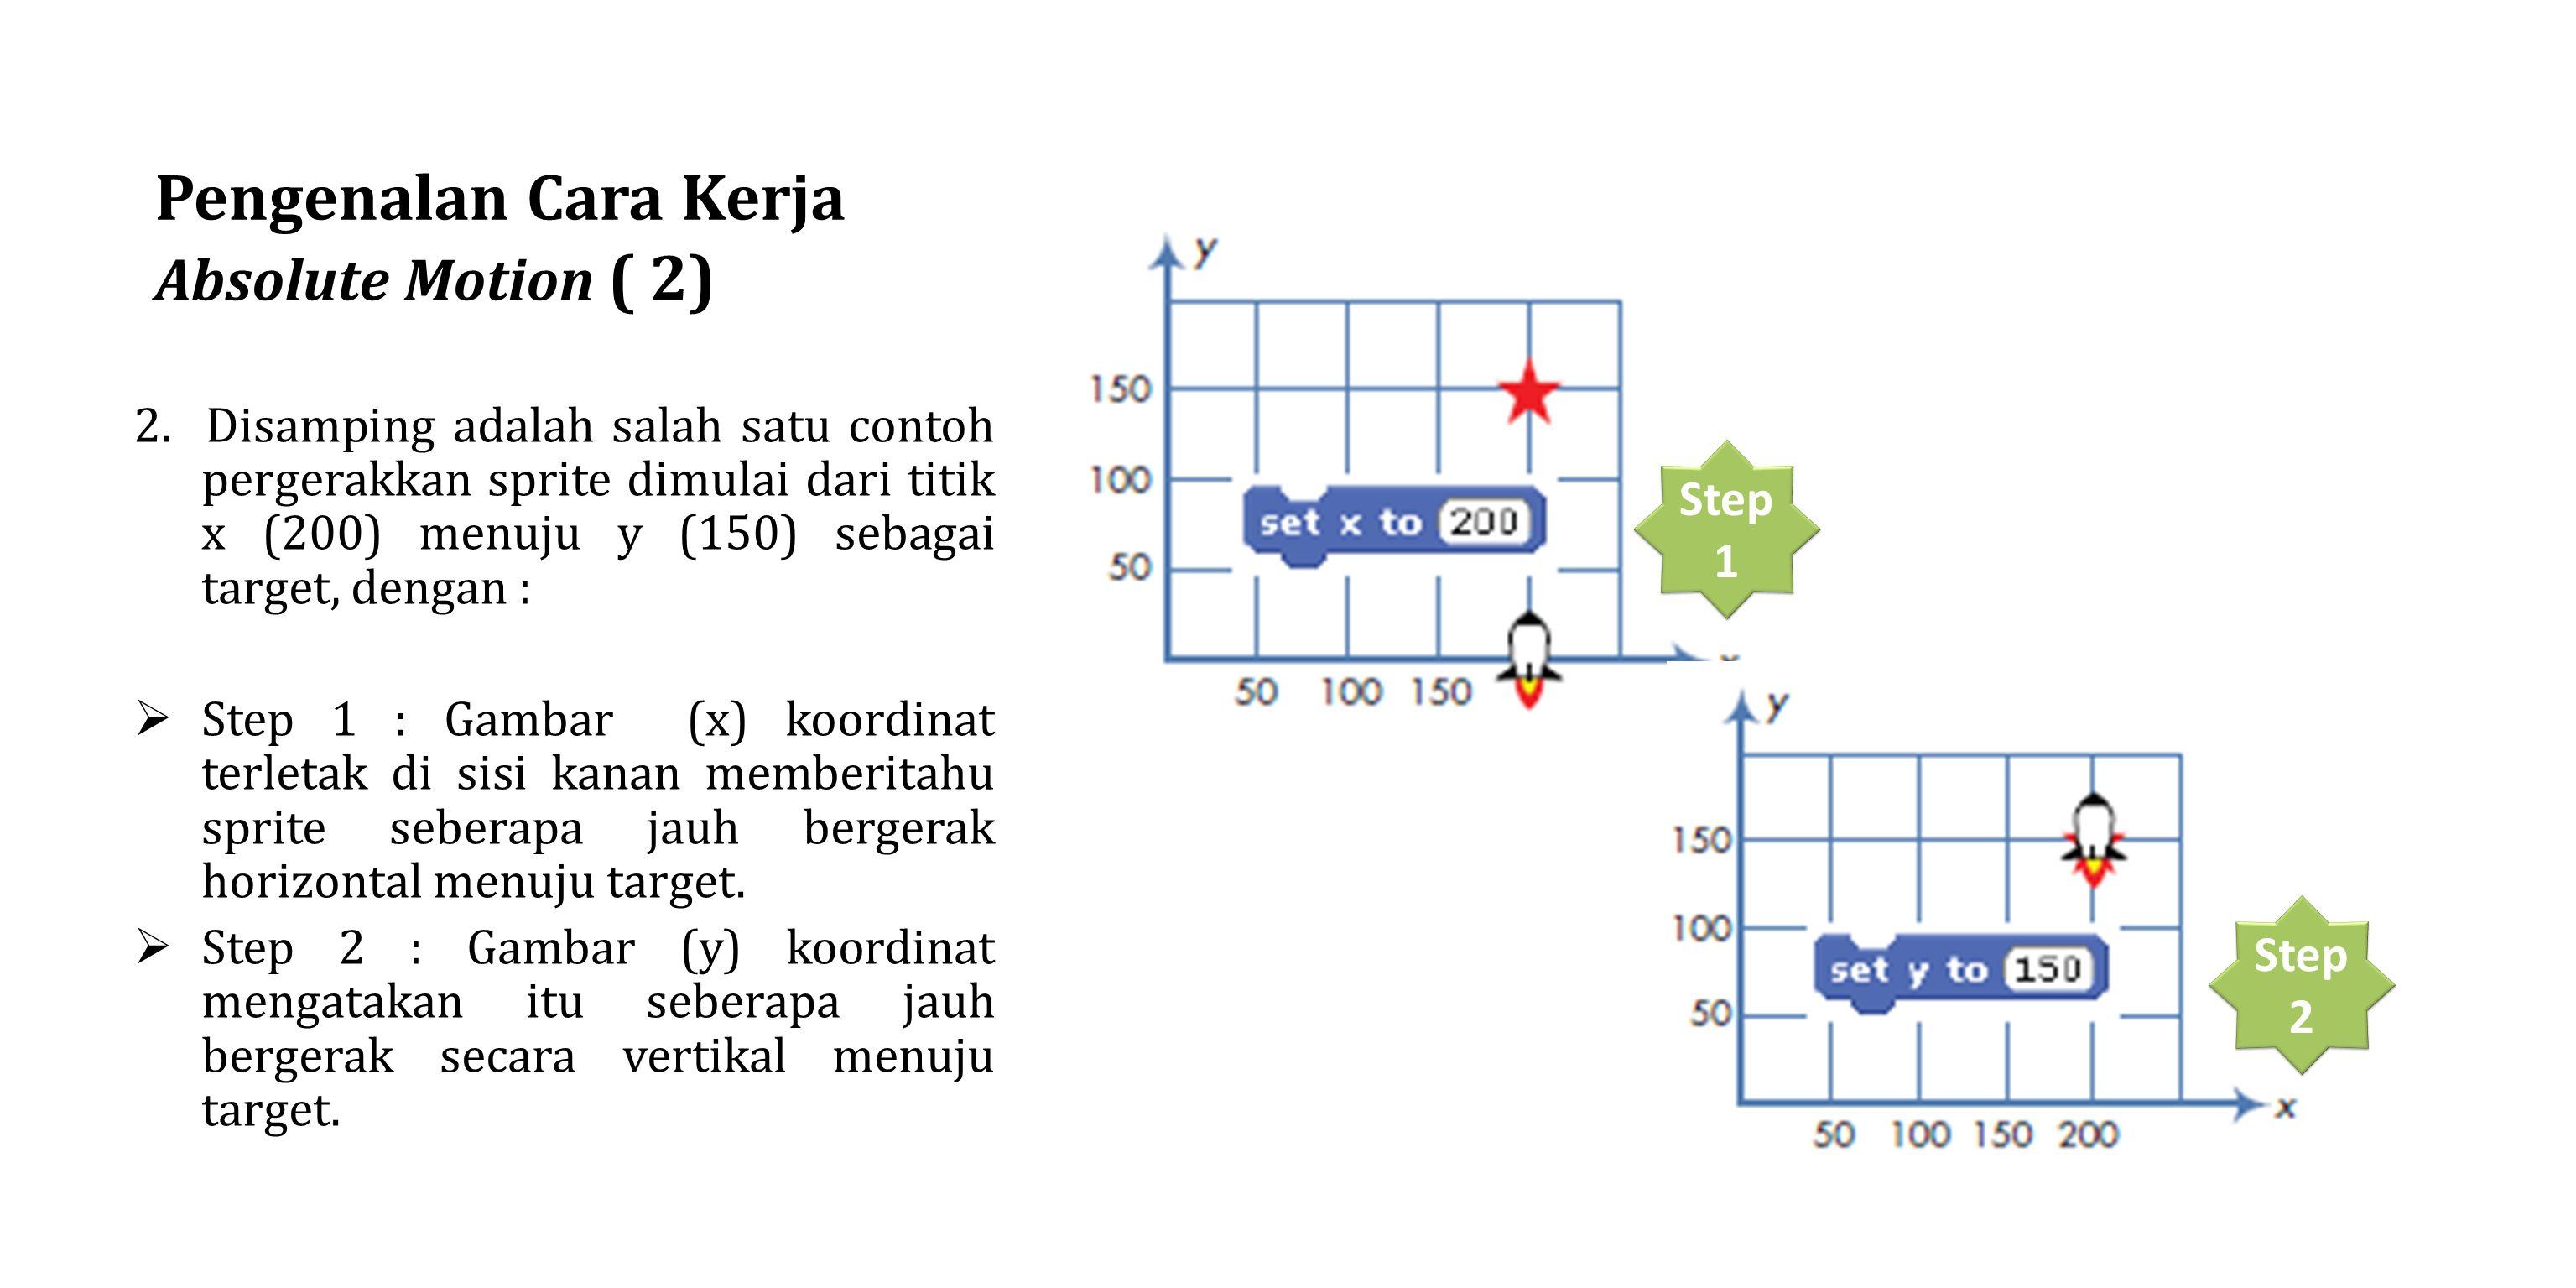 Pengenalan Cara Kerja Absolute Motion ( 2) 2. Disamping adalah salah satu contoh pergerakkan sprite dimulai dari titik x (200) menuju y (150) sebagai